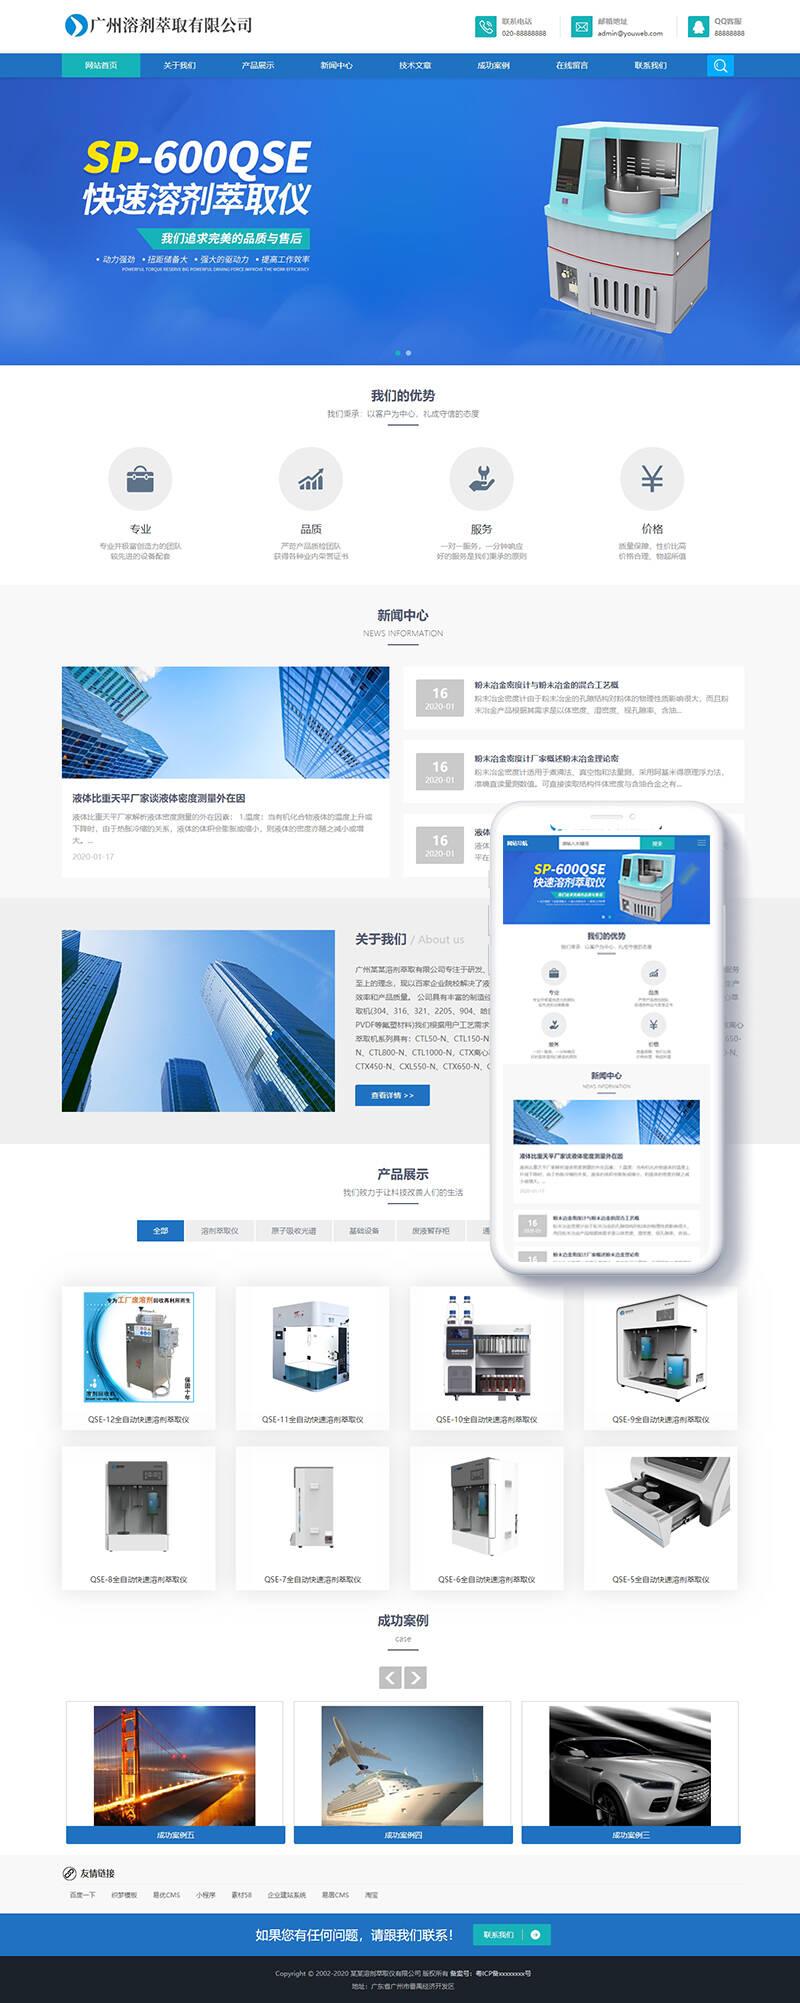 织梦dedecms响应式蓝色通用机械设备仪器公司网站模板,PC+WAP端,利于SEO优化